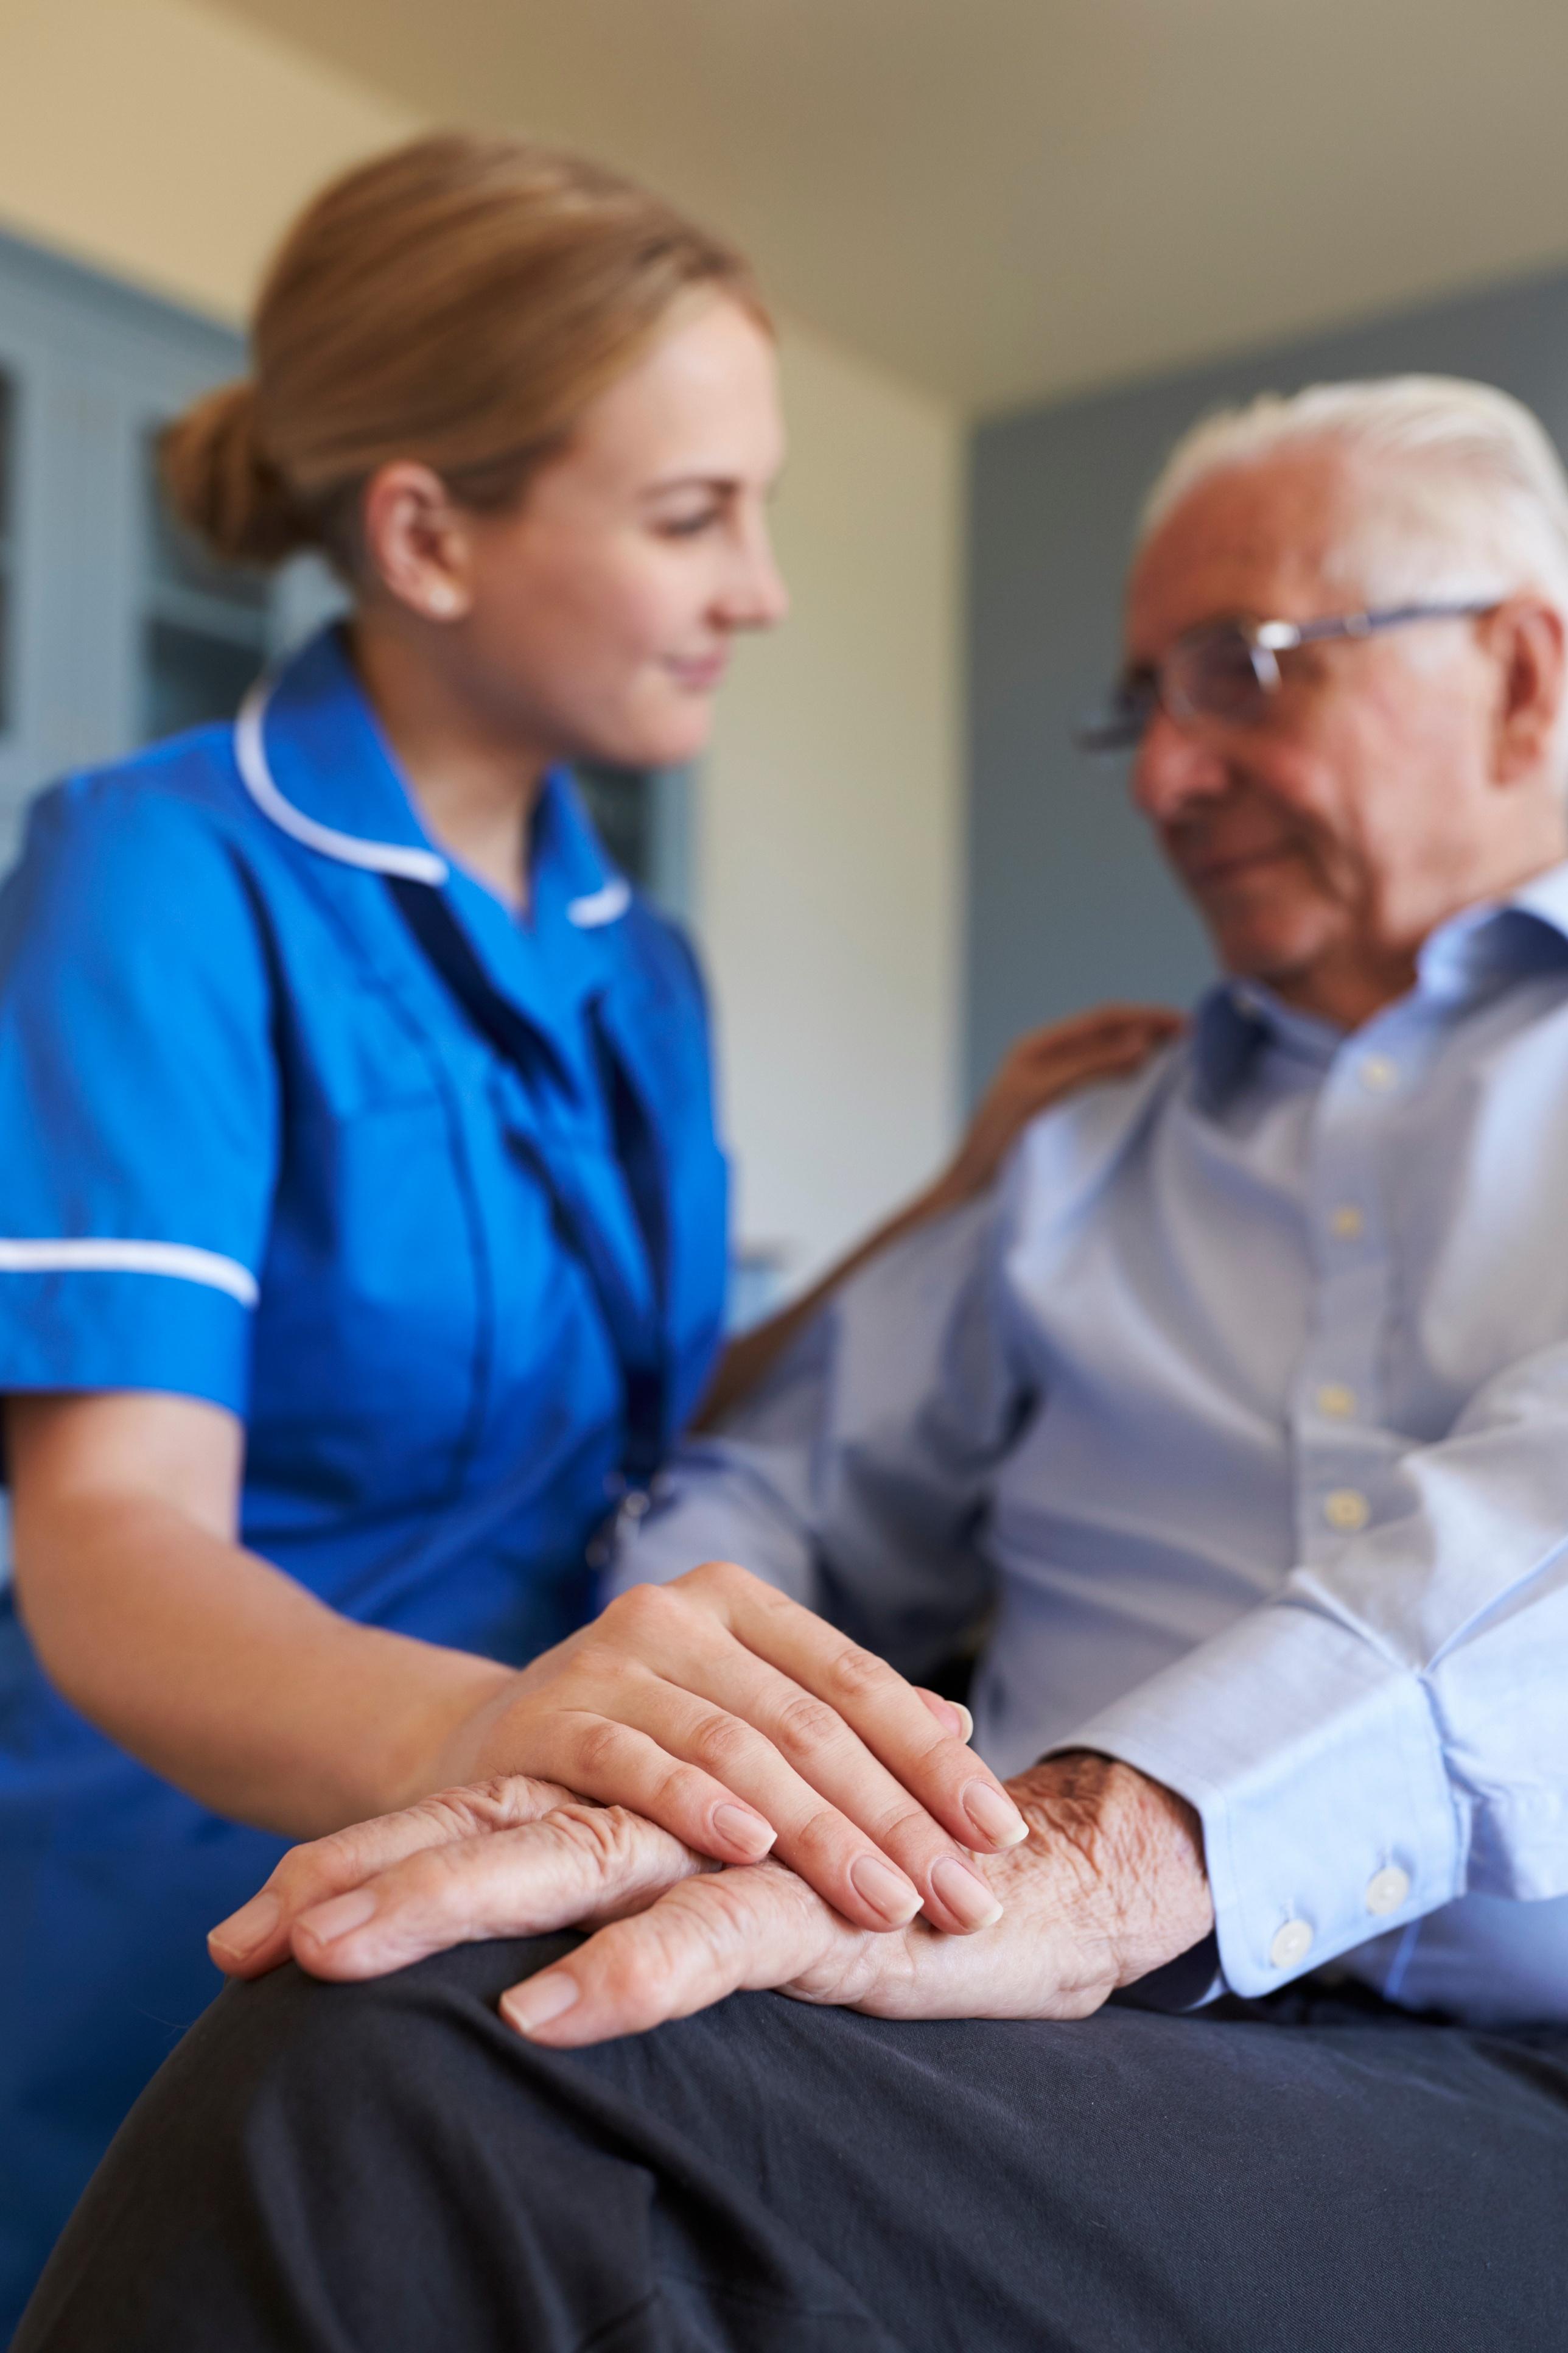 nurse-time-savers-1.jpg